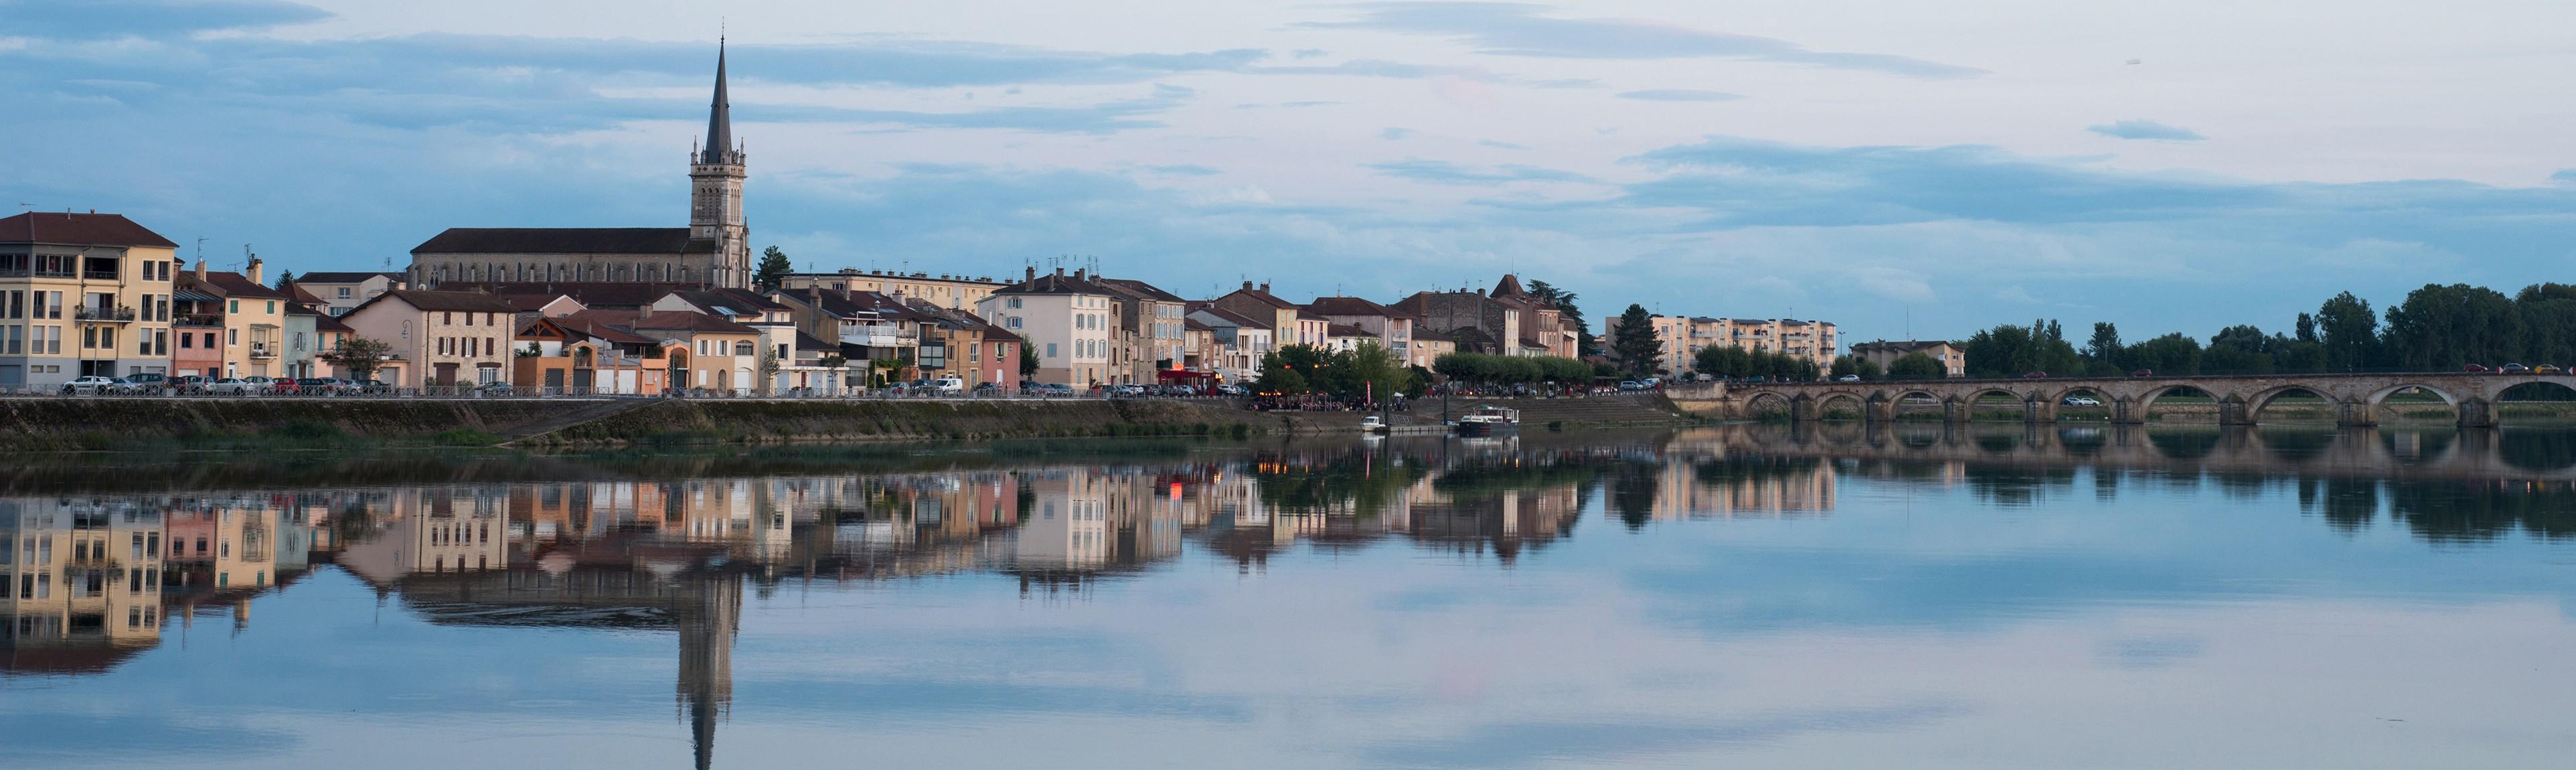 Saône-et-Loire département photo